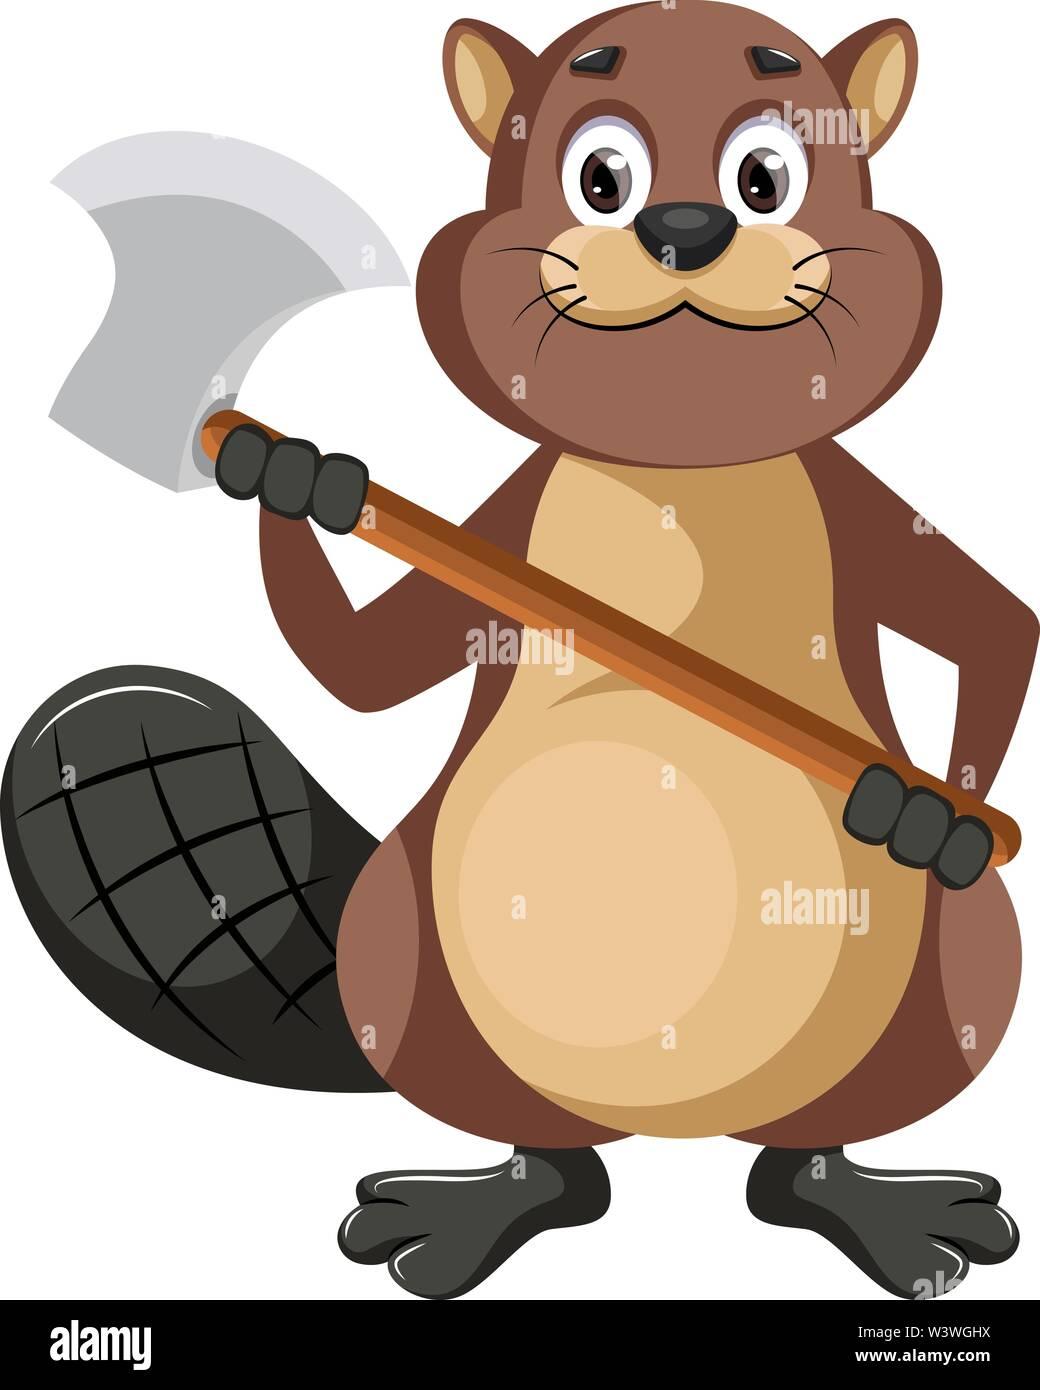 Beaver holding axe, illustration, vector on white background. - Stock Image